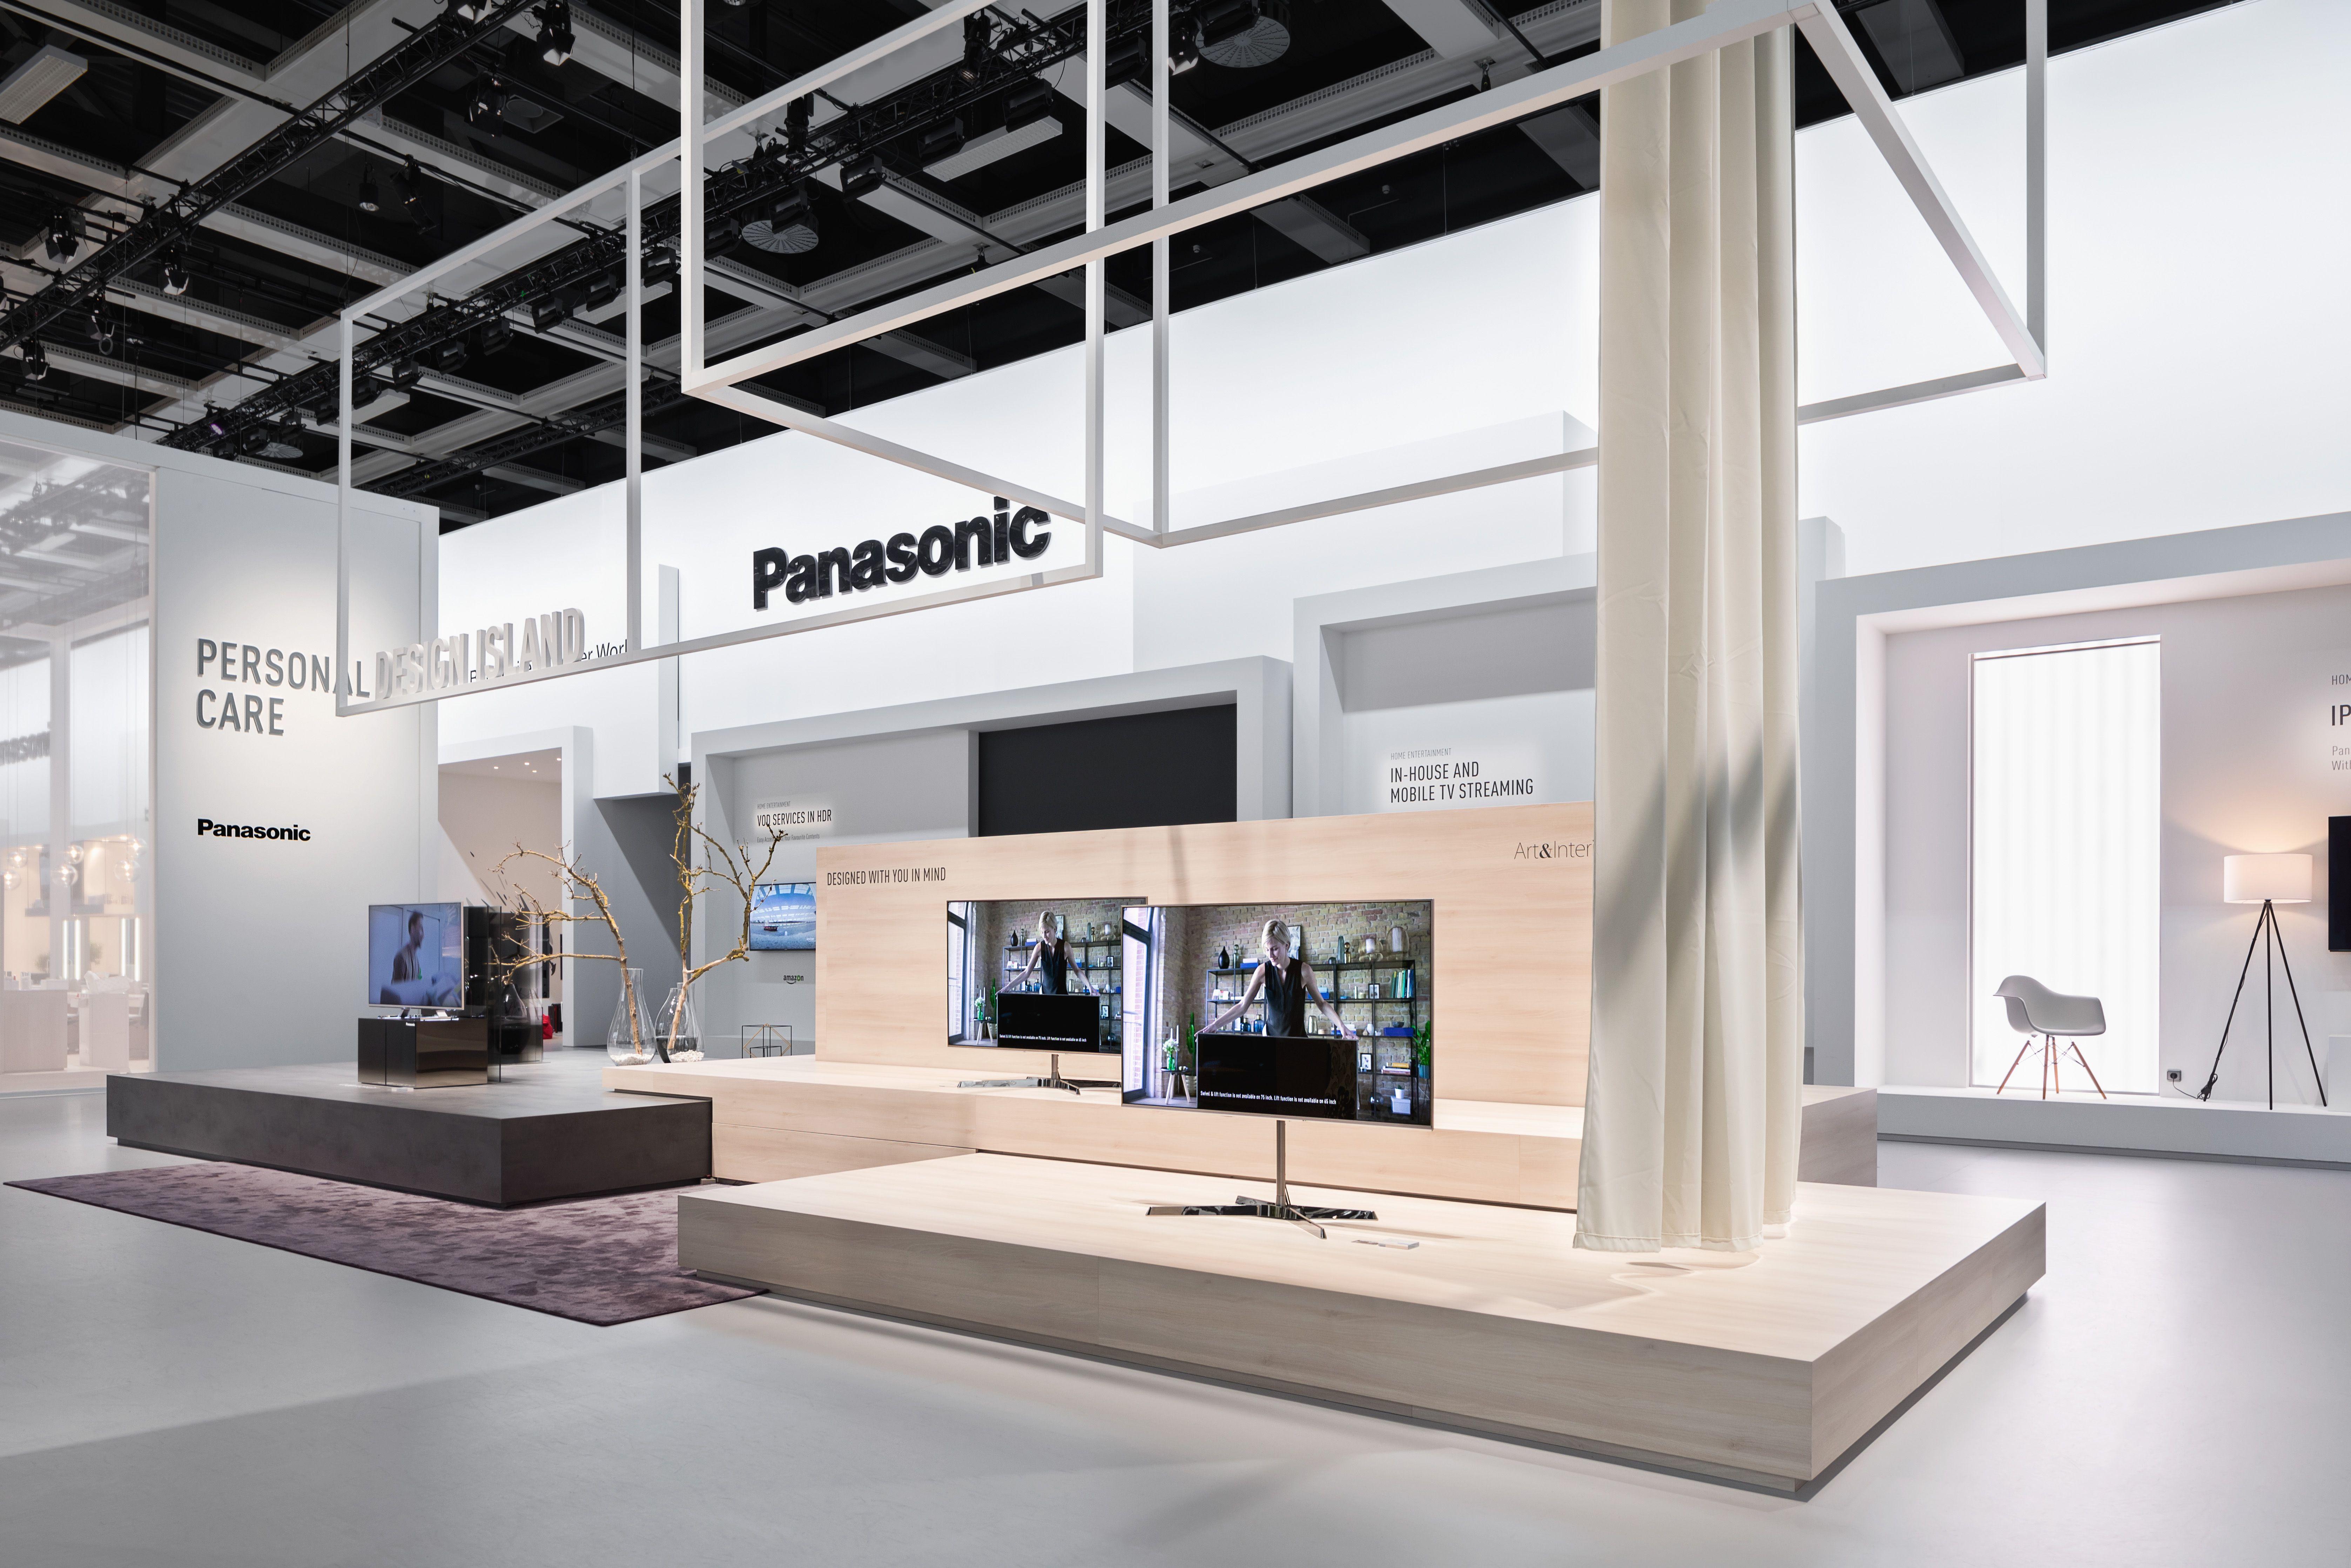 Pin Von Dart Design Gruppe Auf Panasonic Ifa 2017 By Dart Design Gruppe